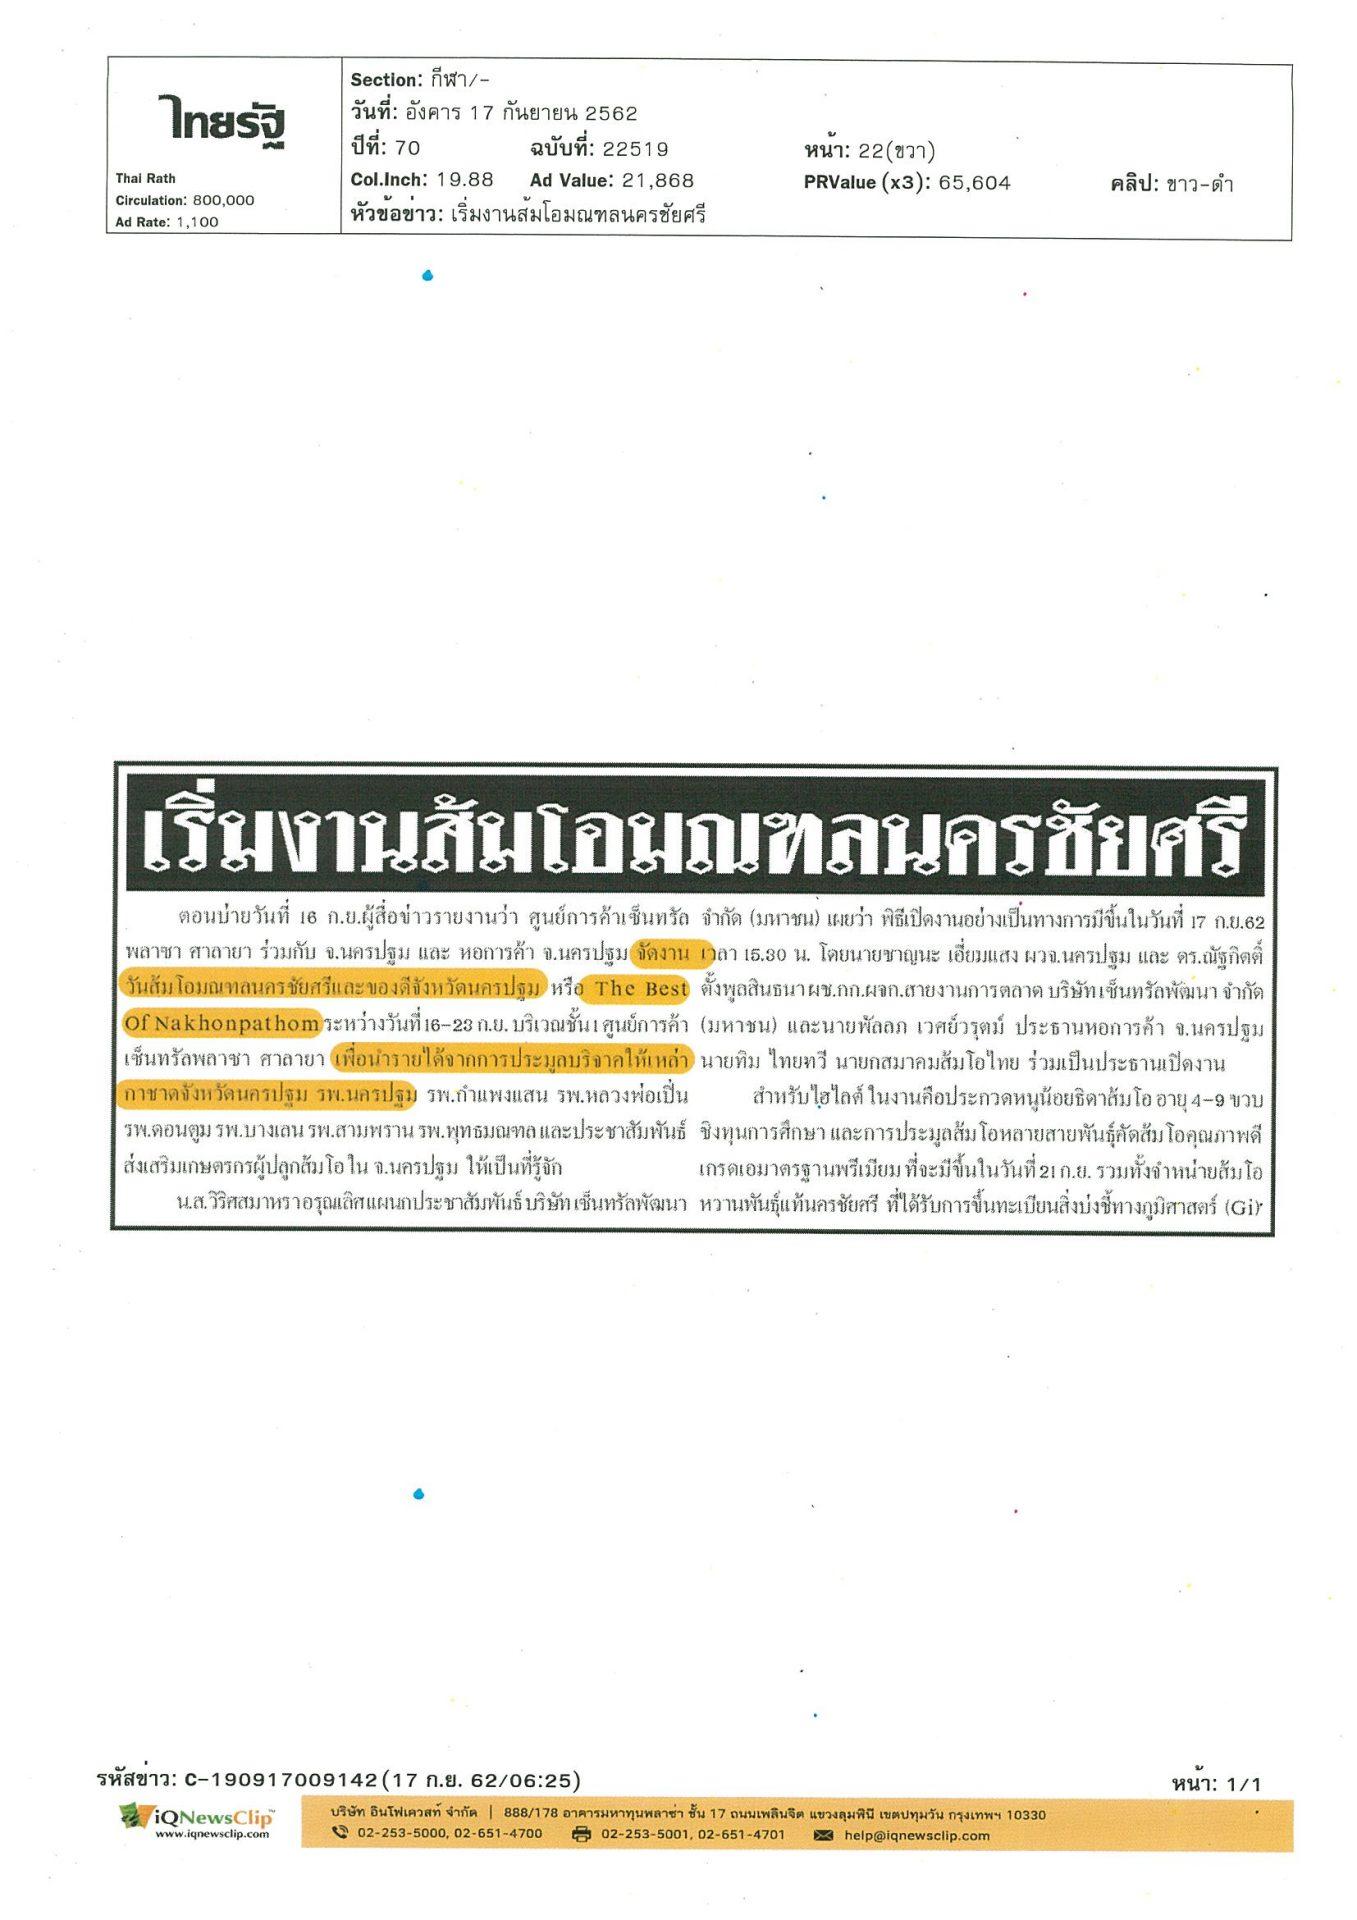 งานวันส้มโอมณฑลนครชัยศรี รายได้จากการประมูลบริจาคให้เหล่ากาชาด